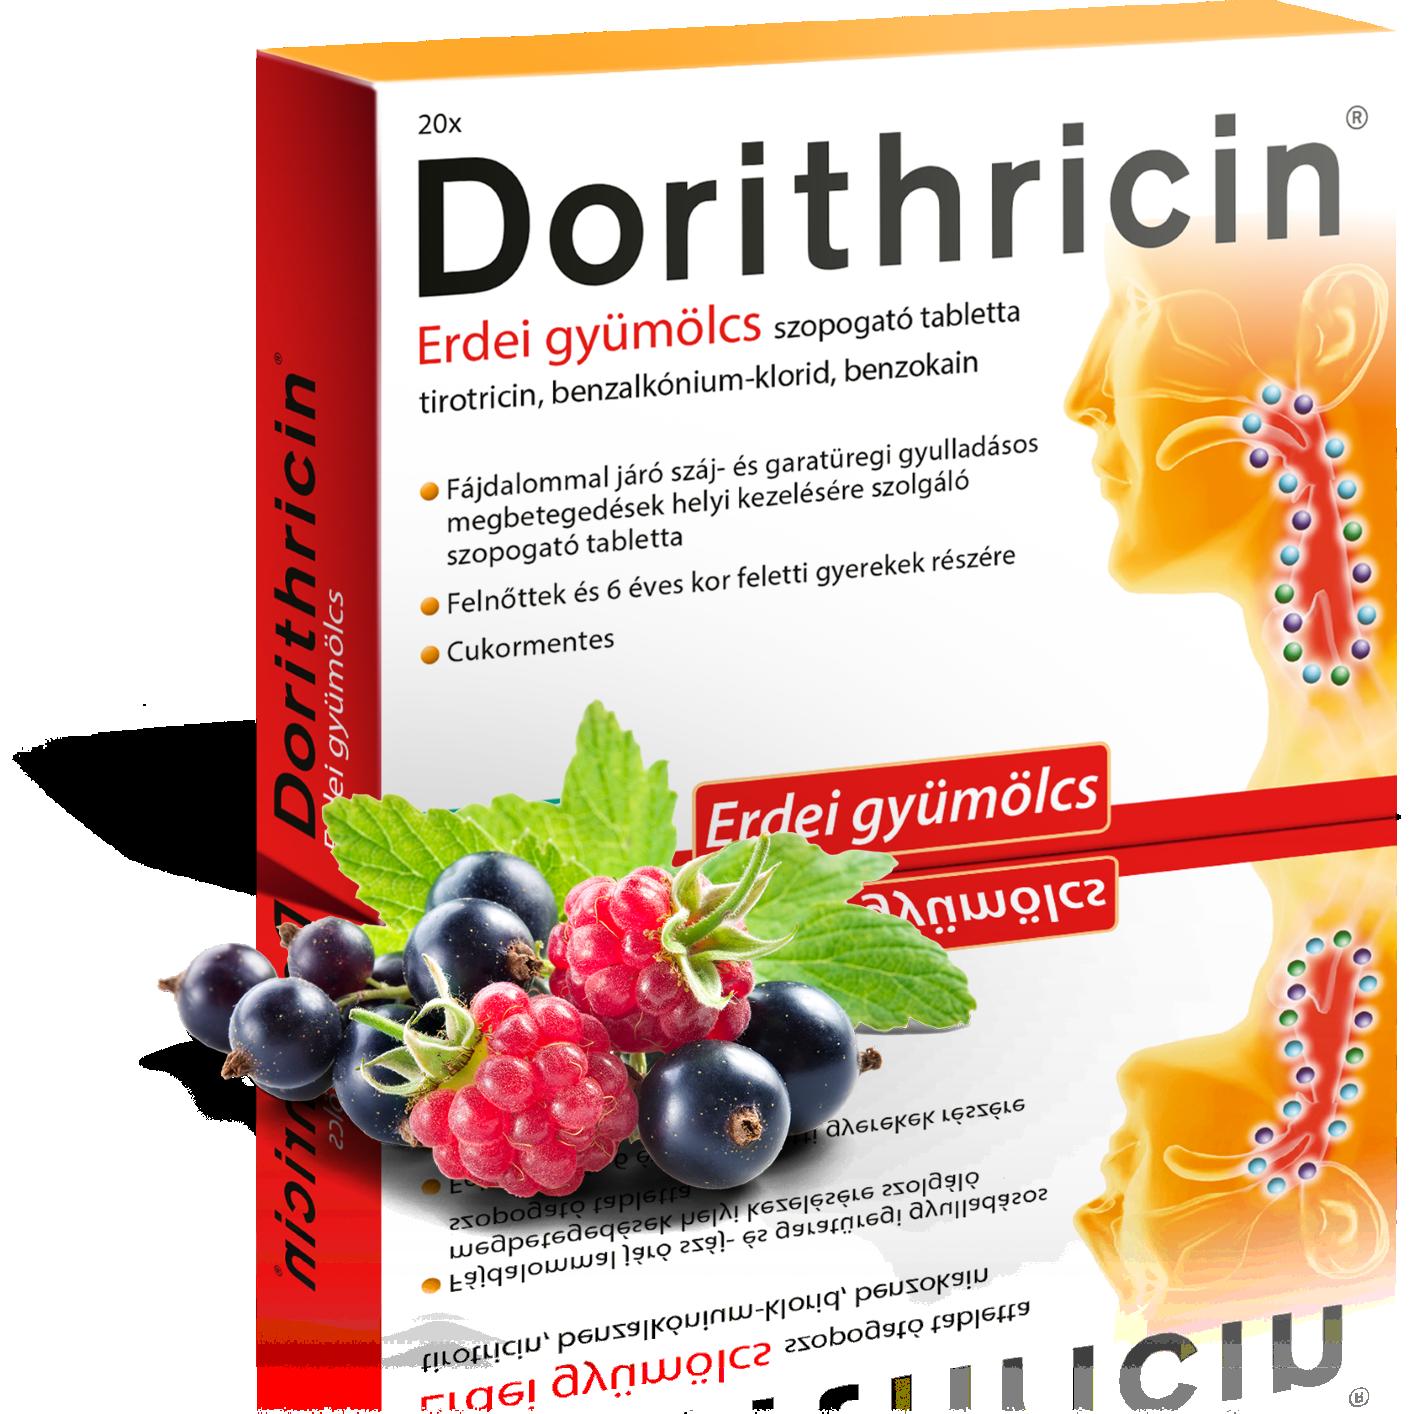 Dorithricin erdei gyümölcs szopogató tabletta 20x